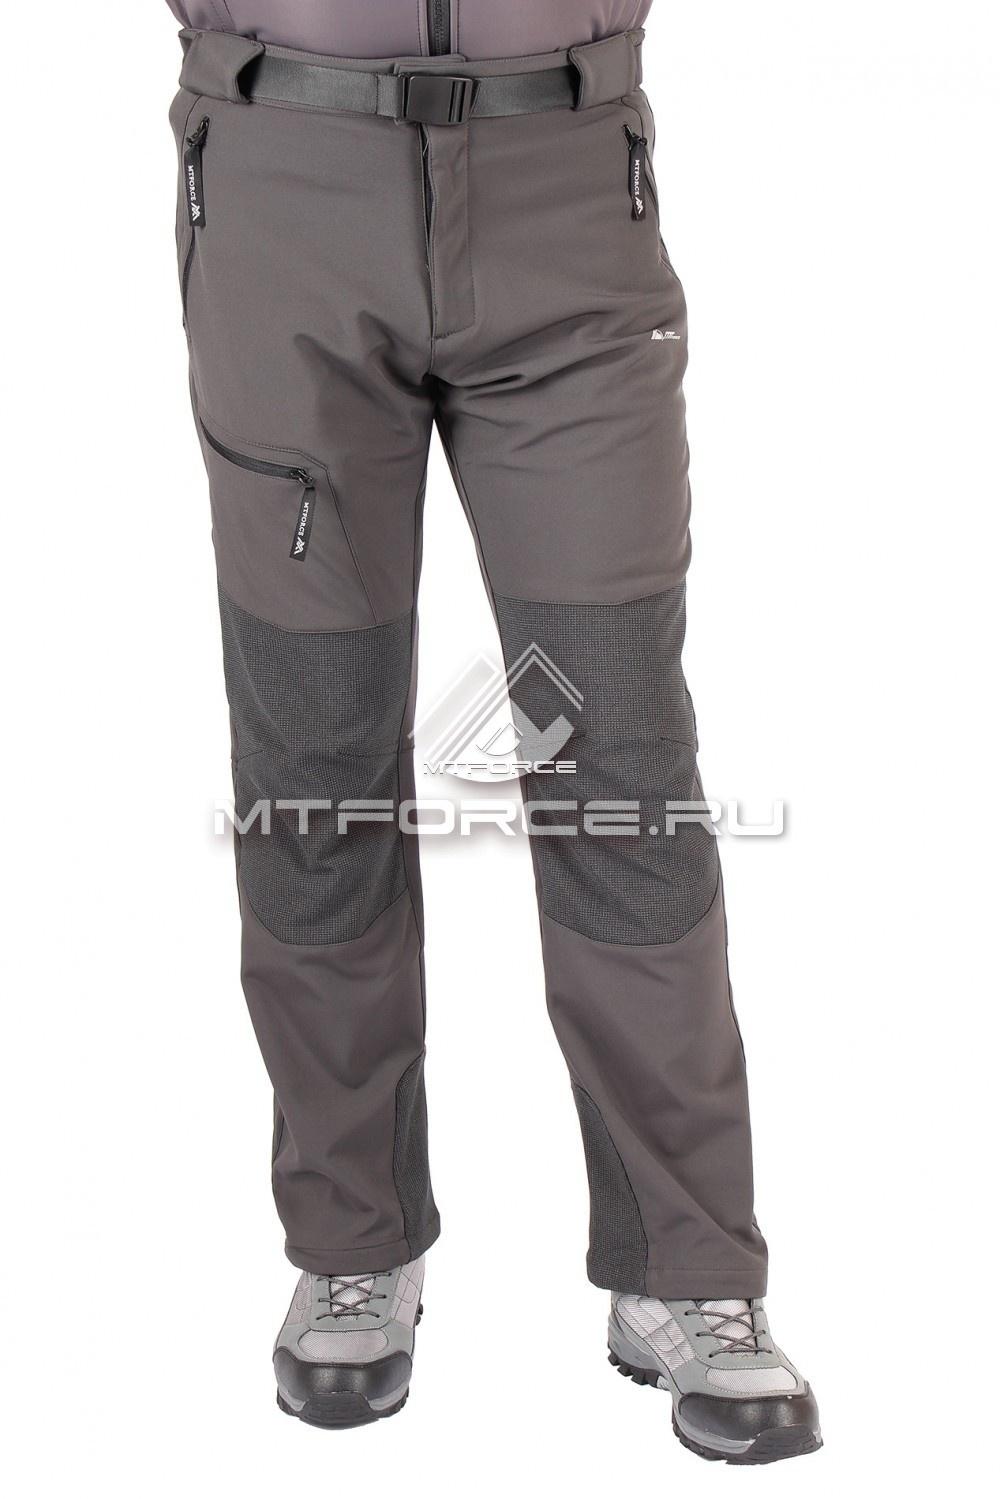 Купить                                  оптом Брюки виндстопер мужские серого цвета 413Sr в Санкт-Петербурге